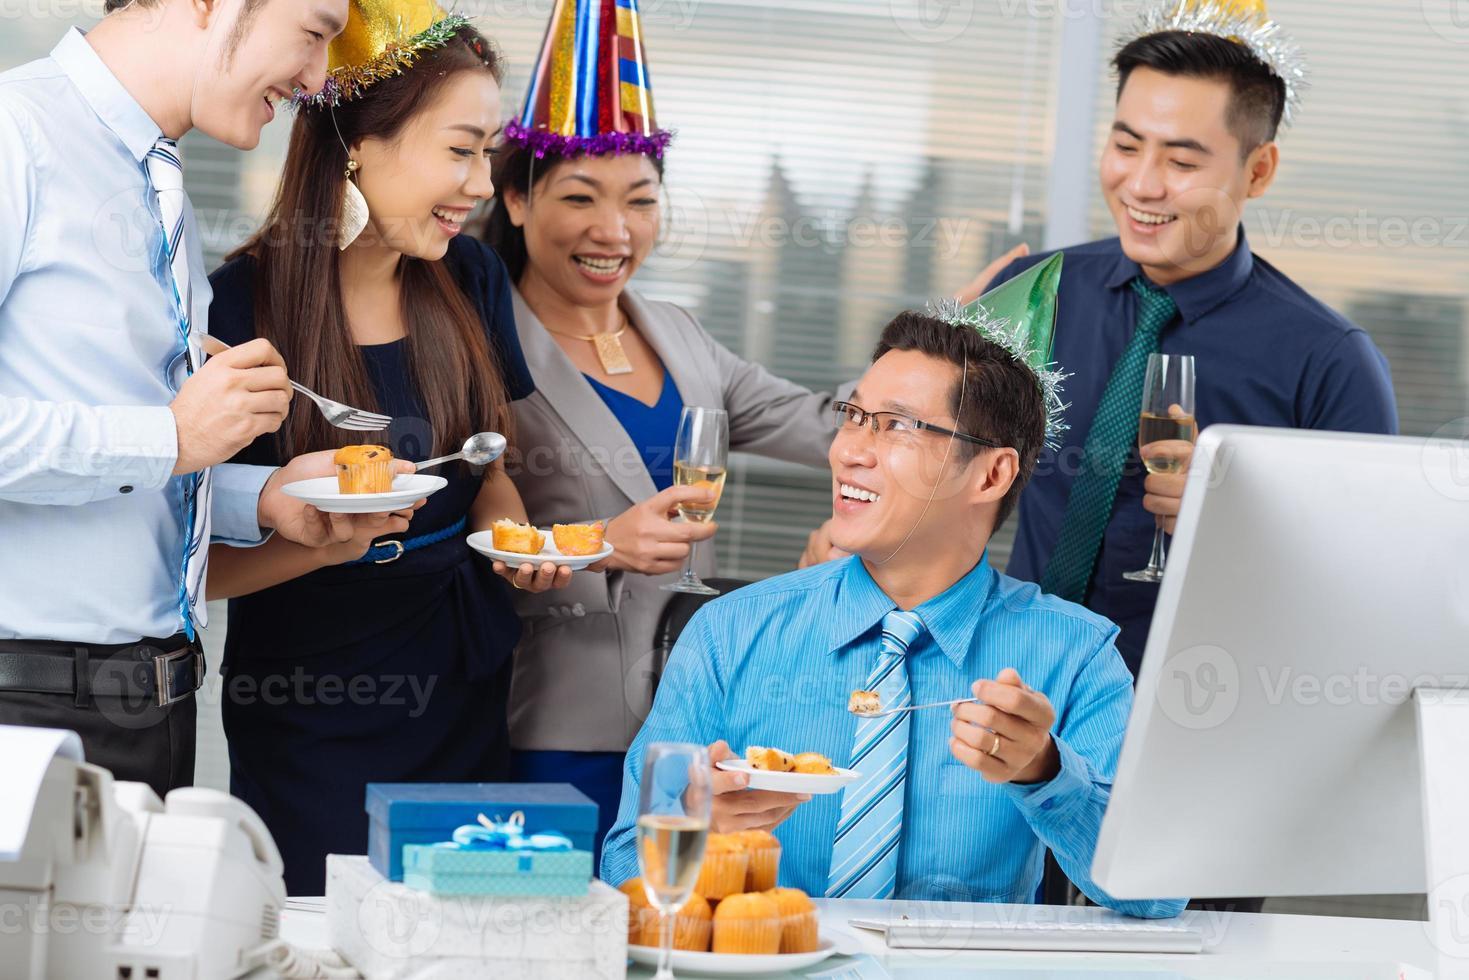 manger des cupcakes photo